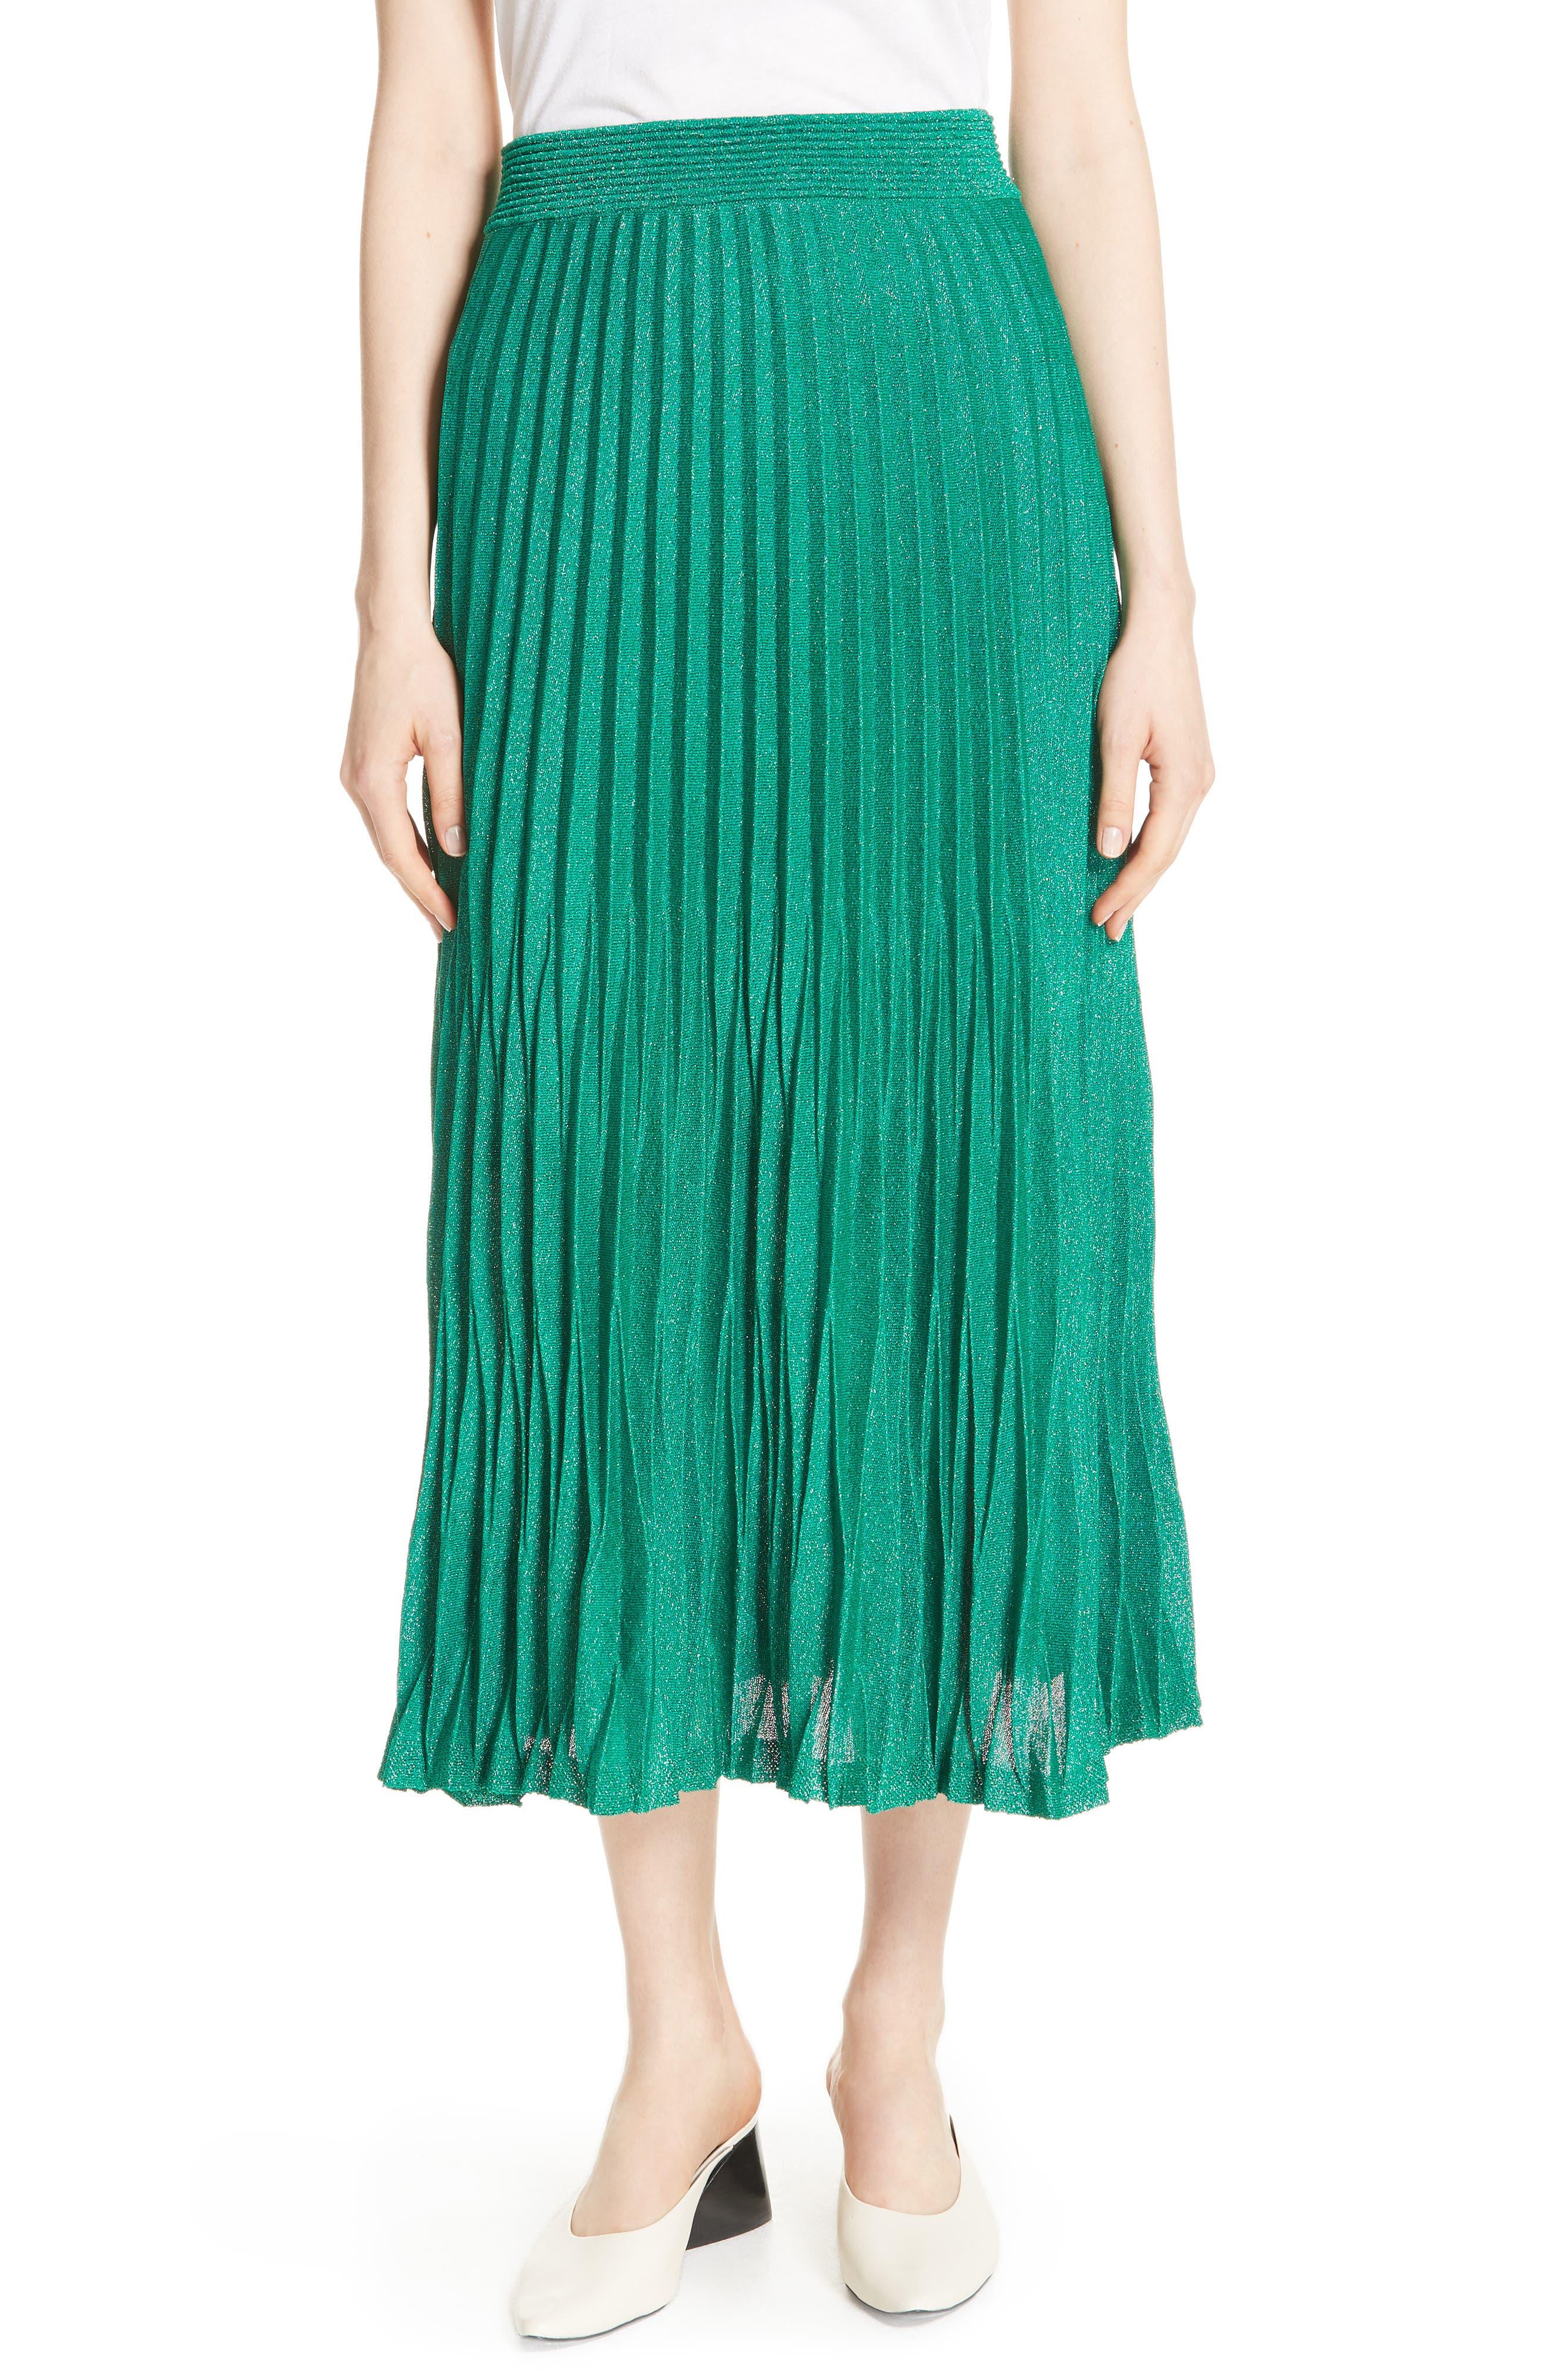 Alternate Image 1 Selected - maje Jupette Pleated Midi Skirt